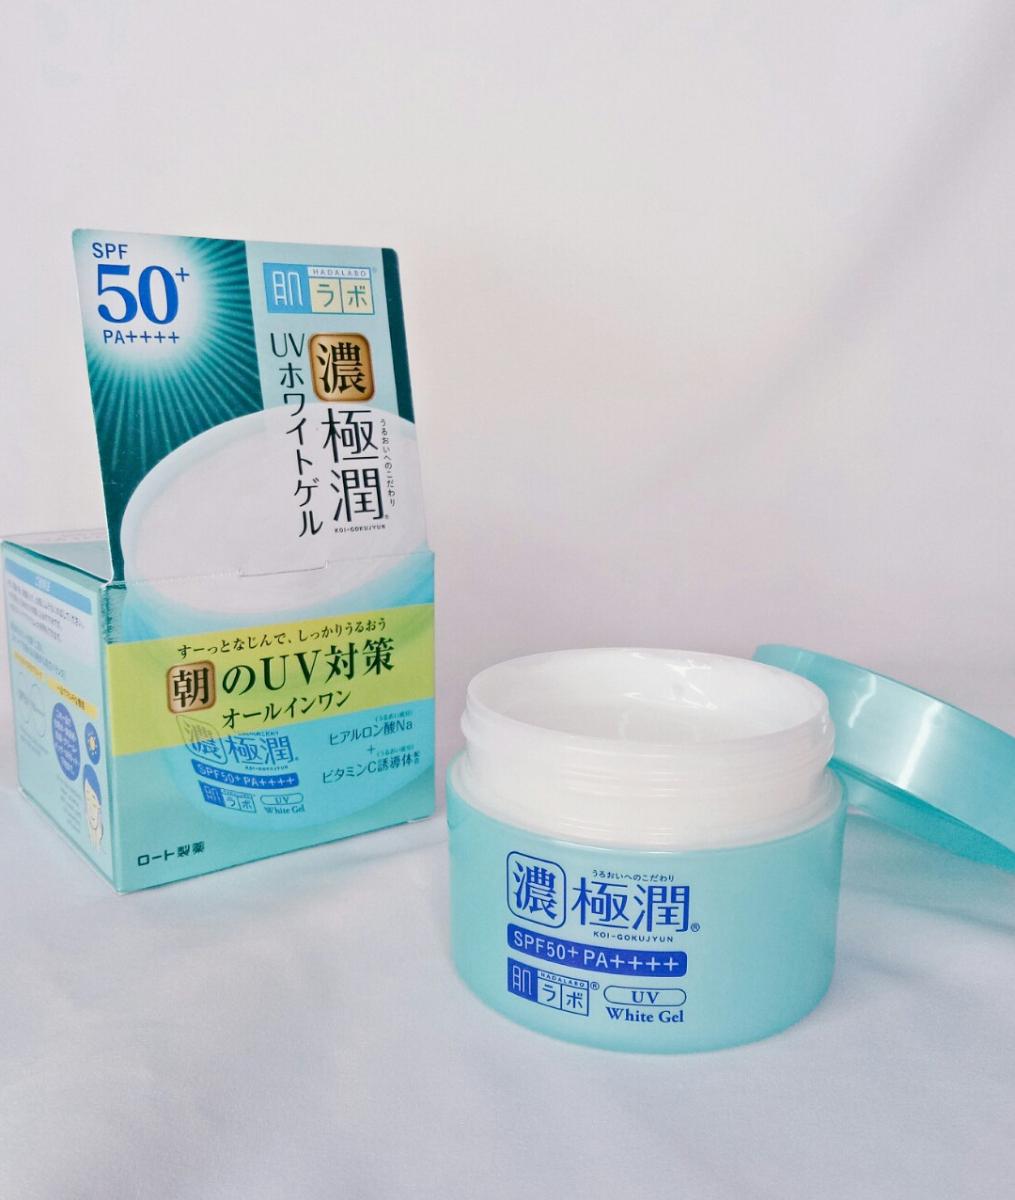 Kem Dưỡng Ẩm Chống Nắng Hada Labo Koi-Gokujyun UV White Gel SPF50+ PA++++ nhập khẩu trực tiếp từ Nhật Bản, hiện đã có mặt tại Hasaki